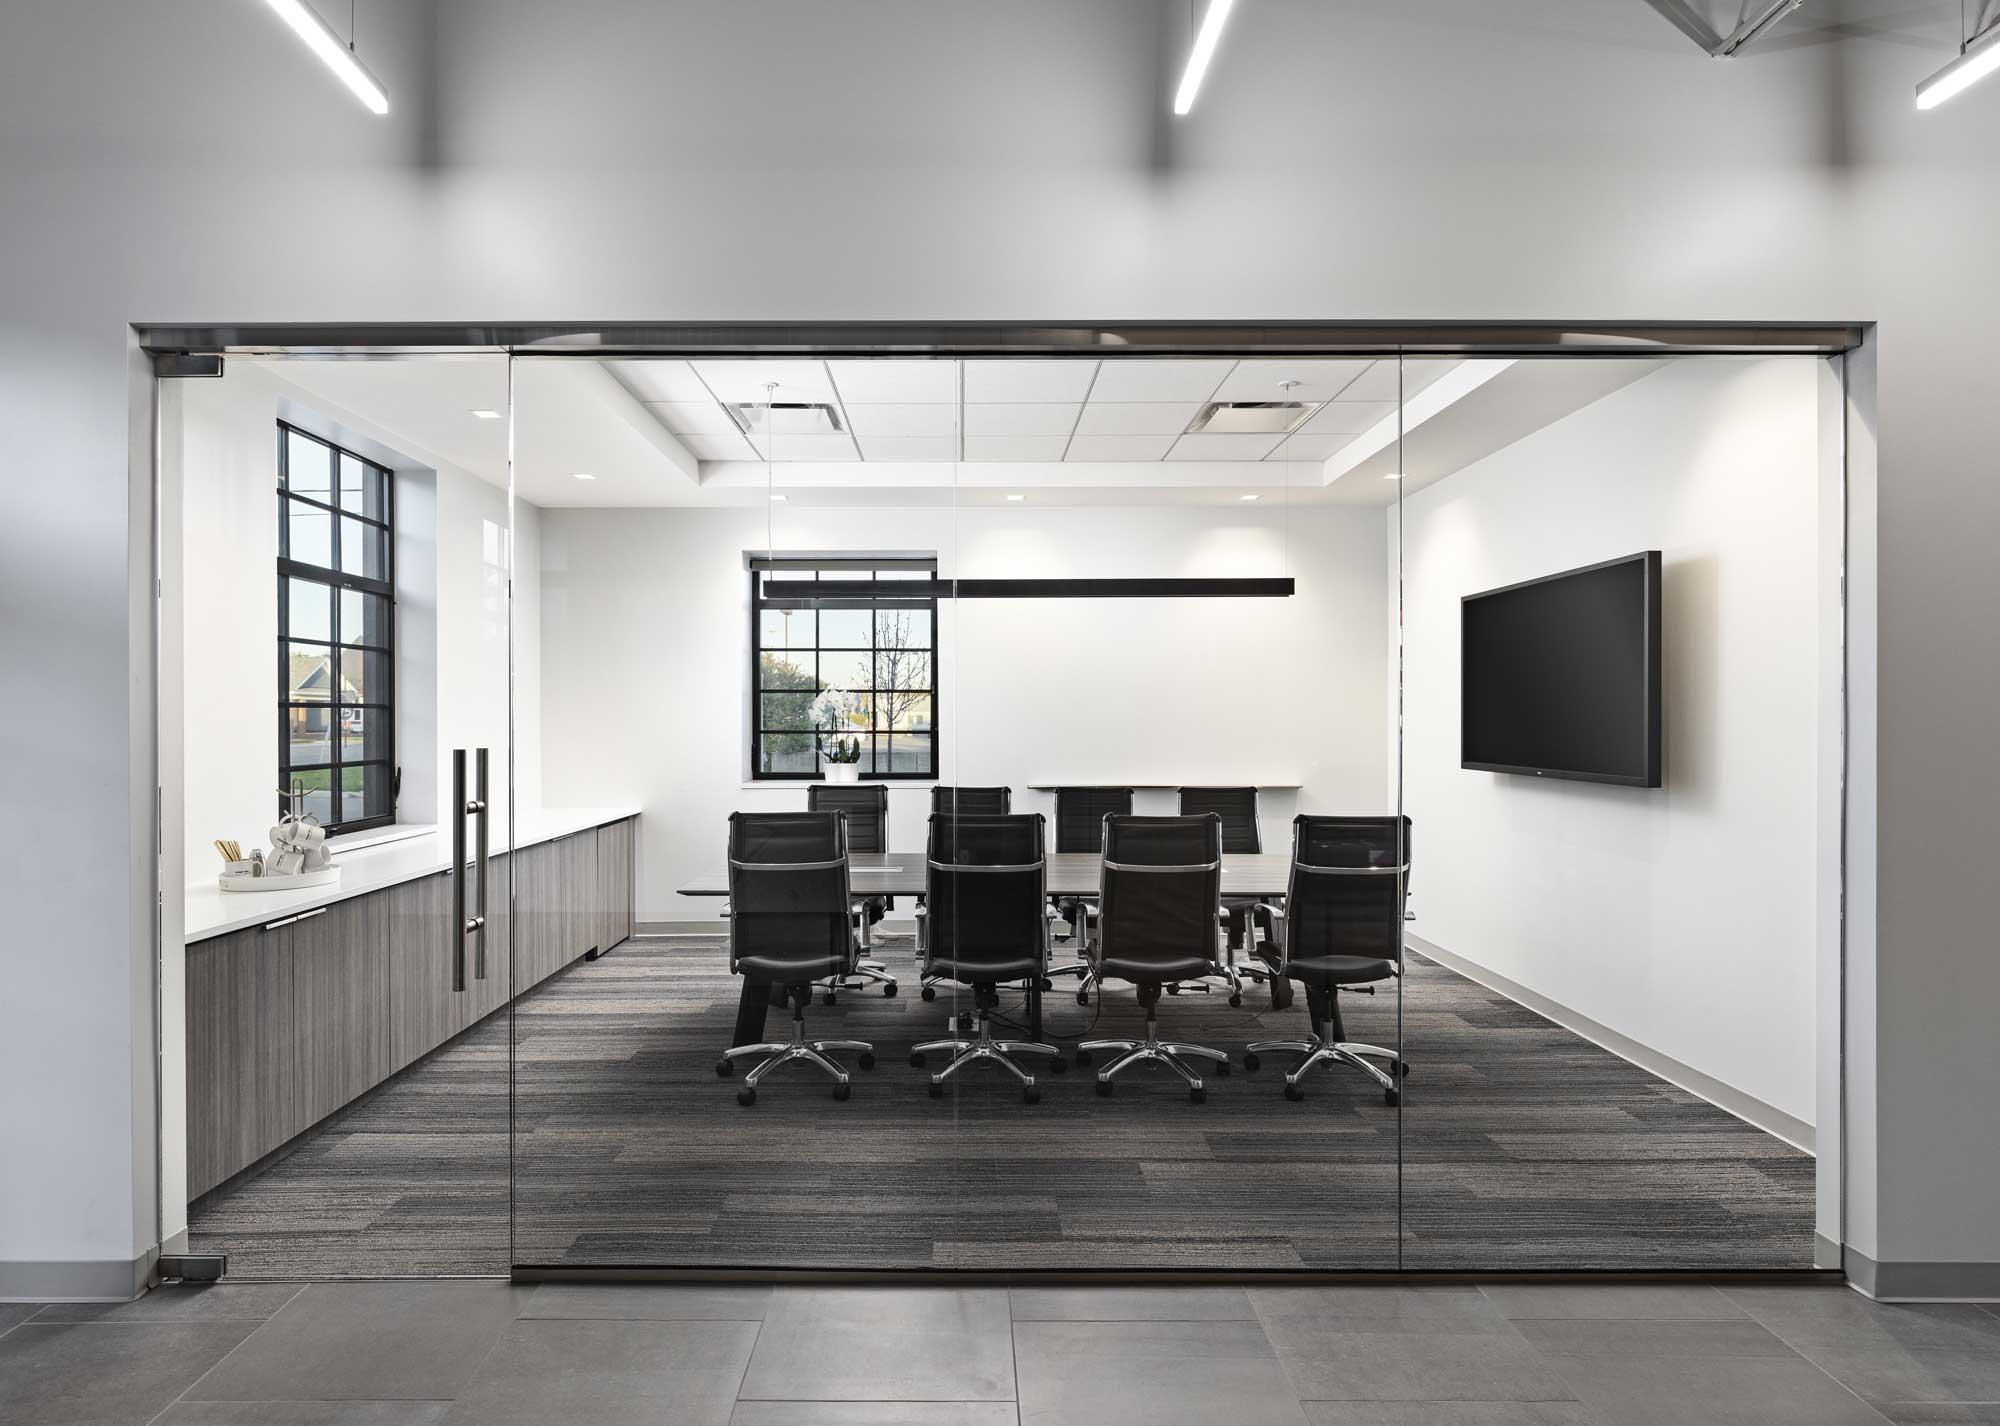 2120 E. Eleven Mile main conference room